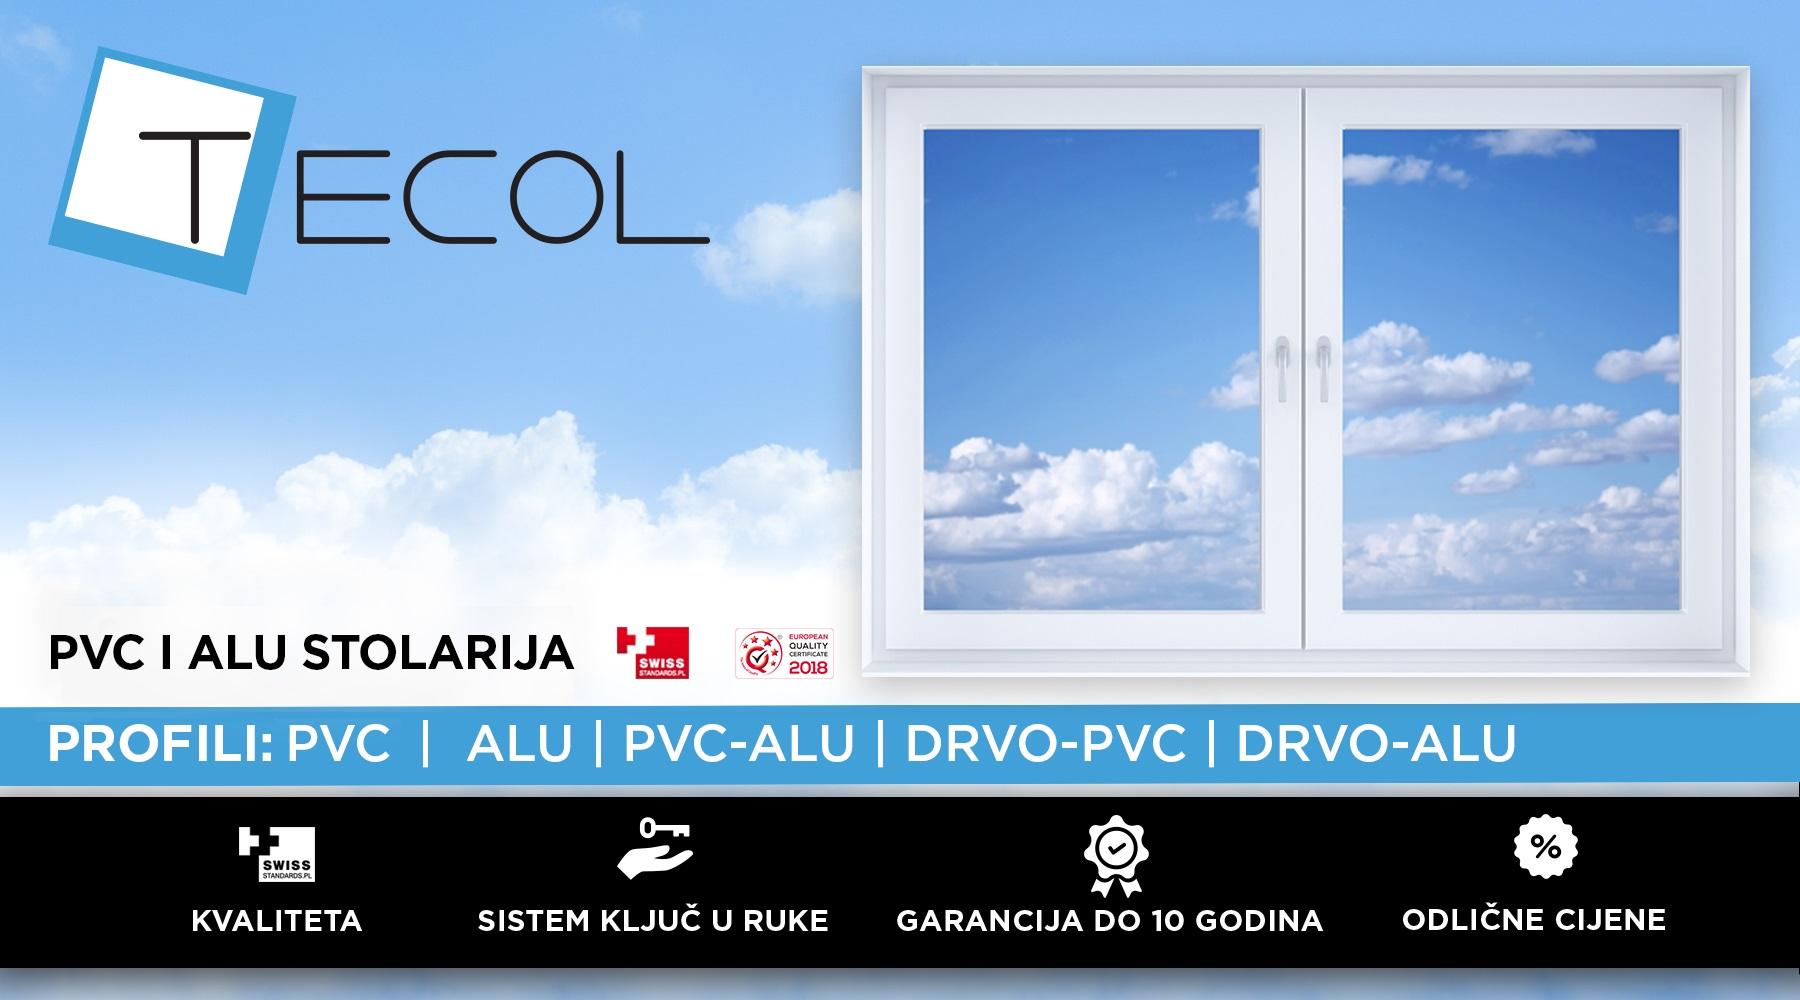 TECOL - PVC i ALU stolarija Rijeka